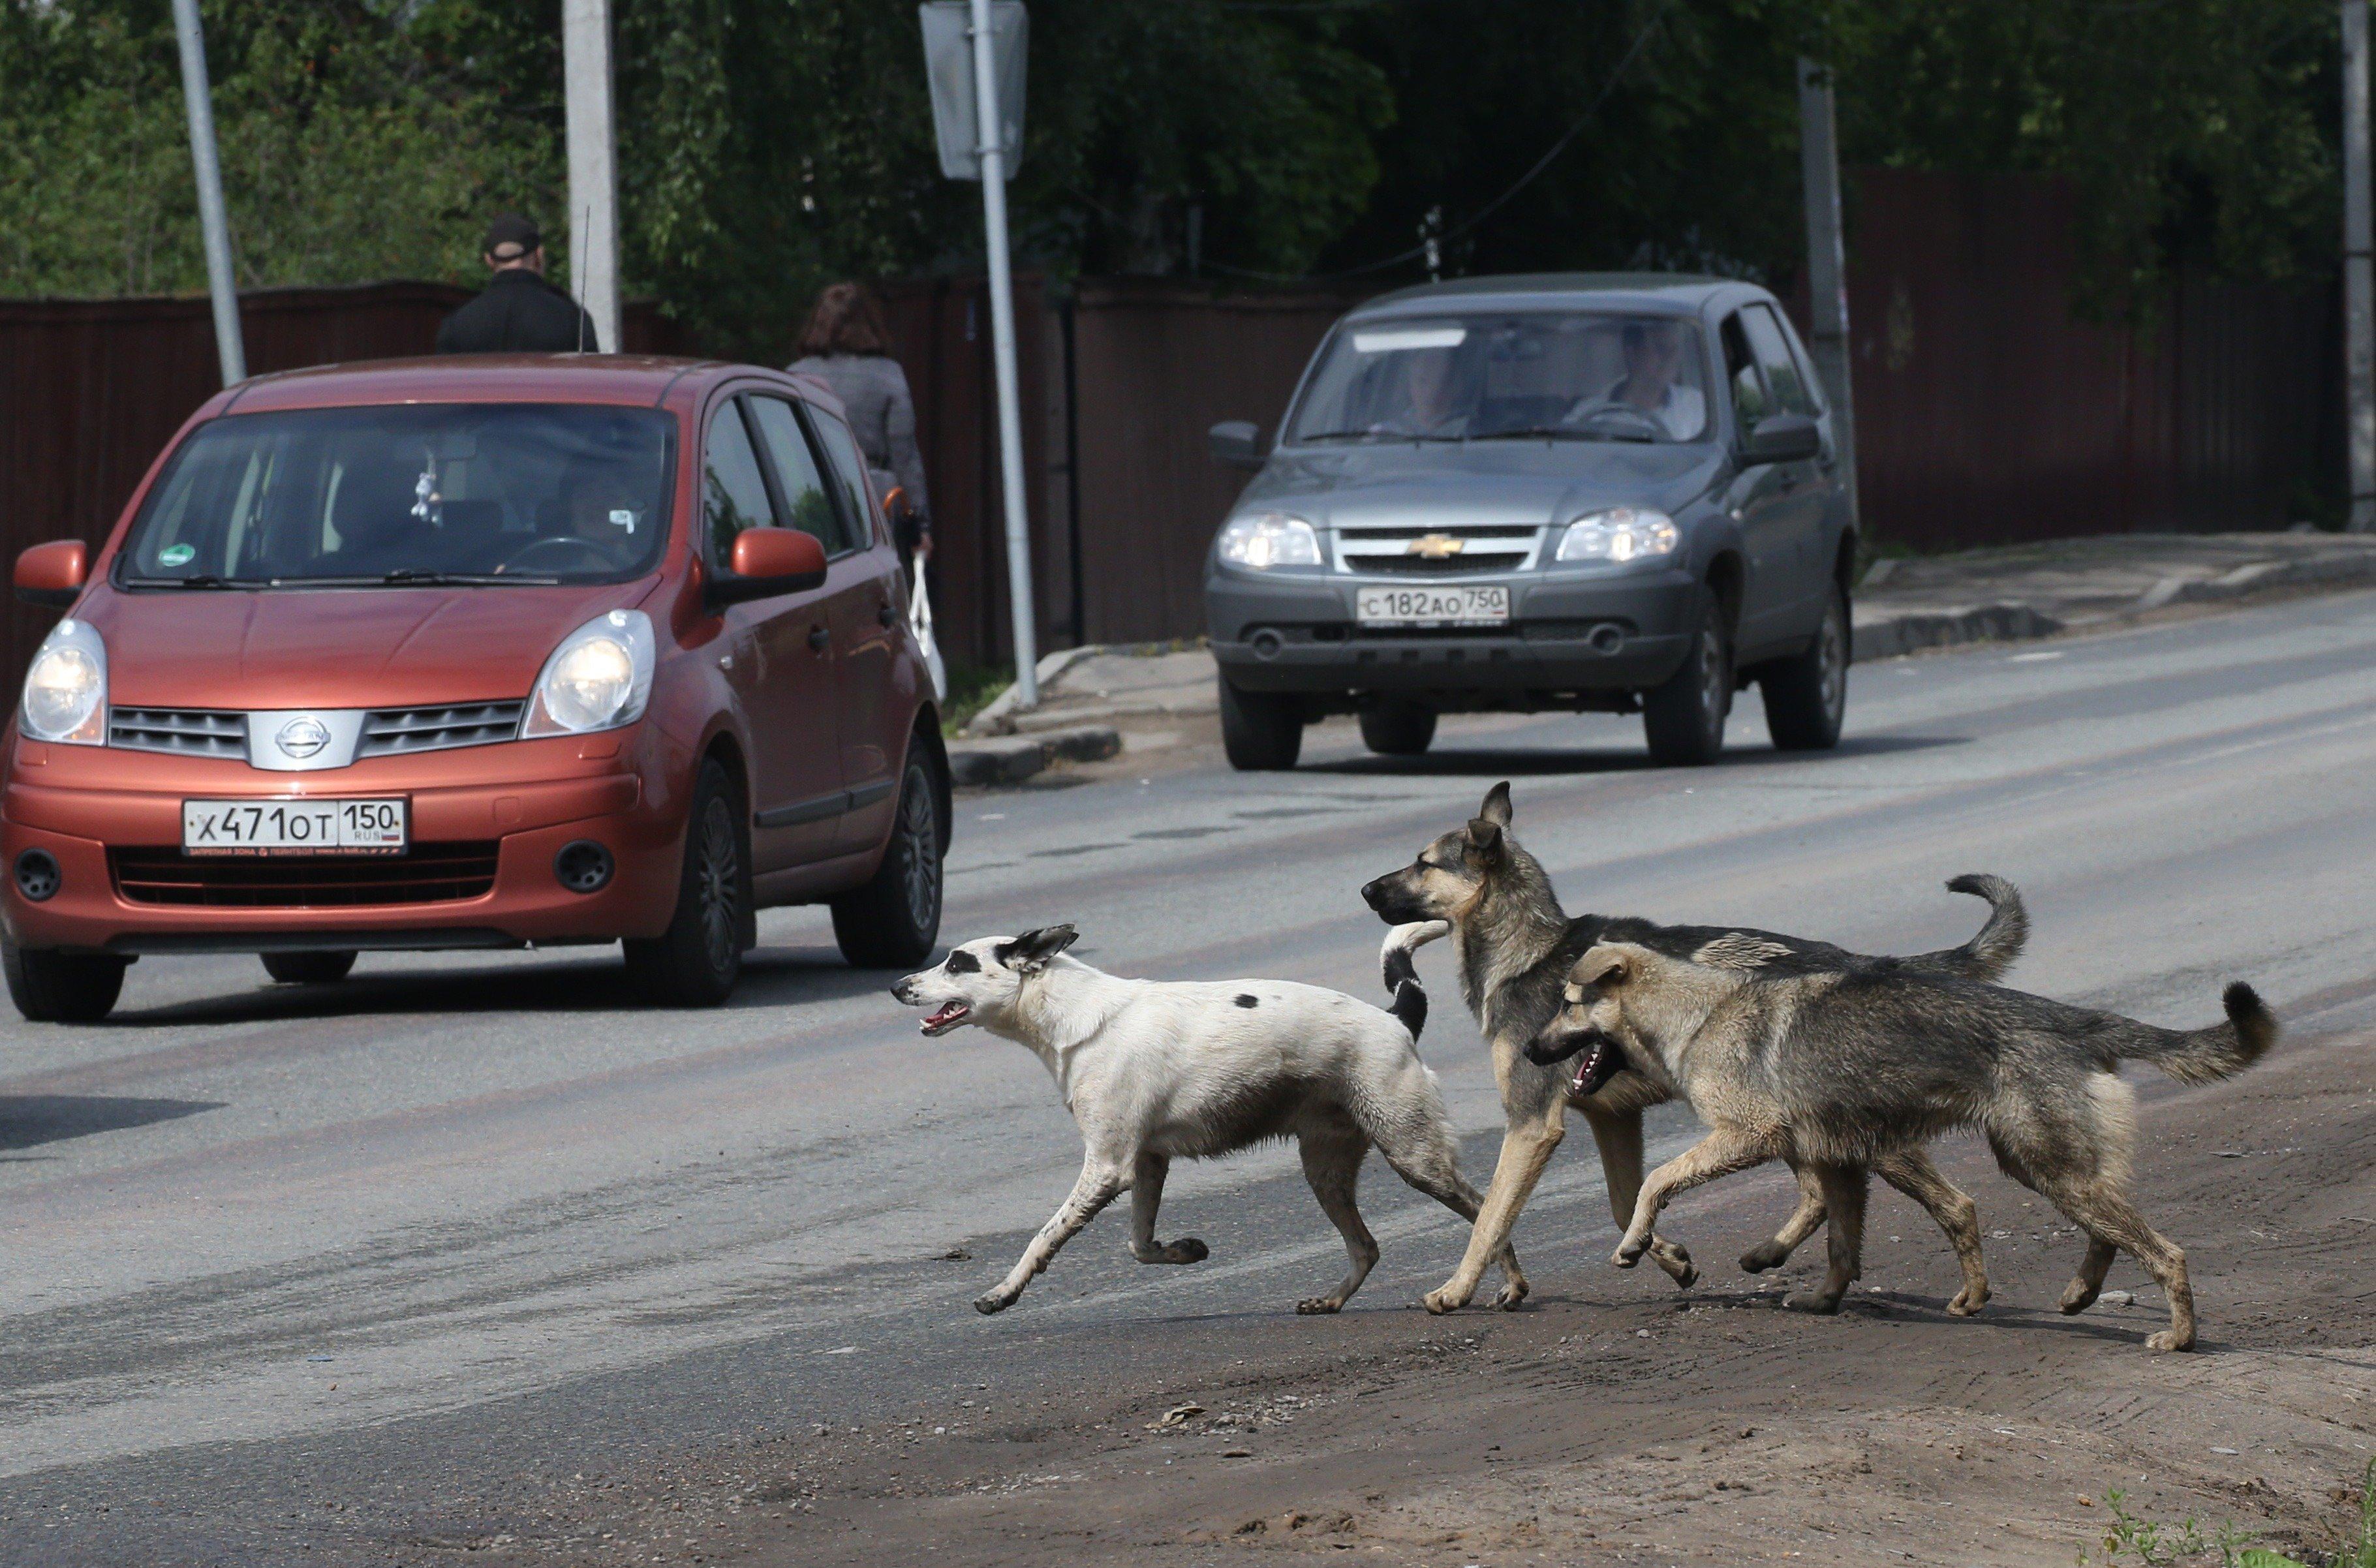 러시아에서 떠돌이개 소탕작전이 벌어지고